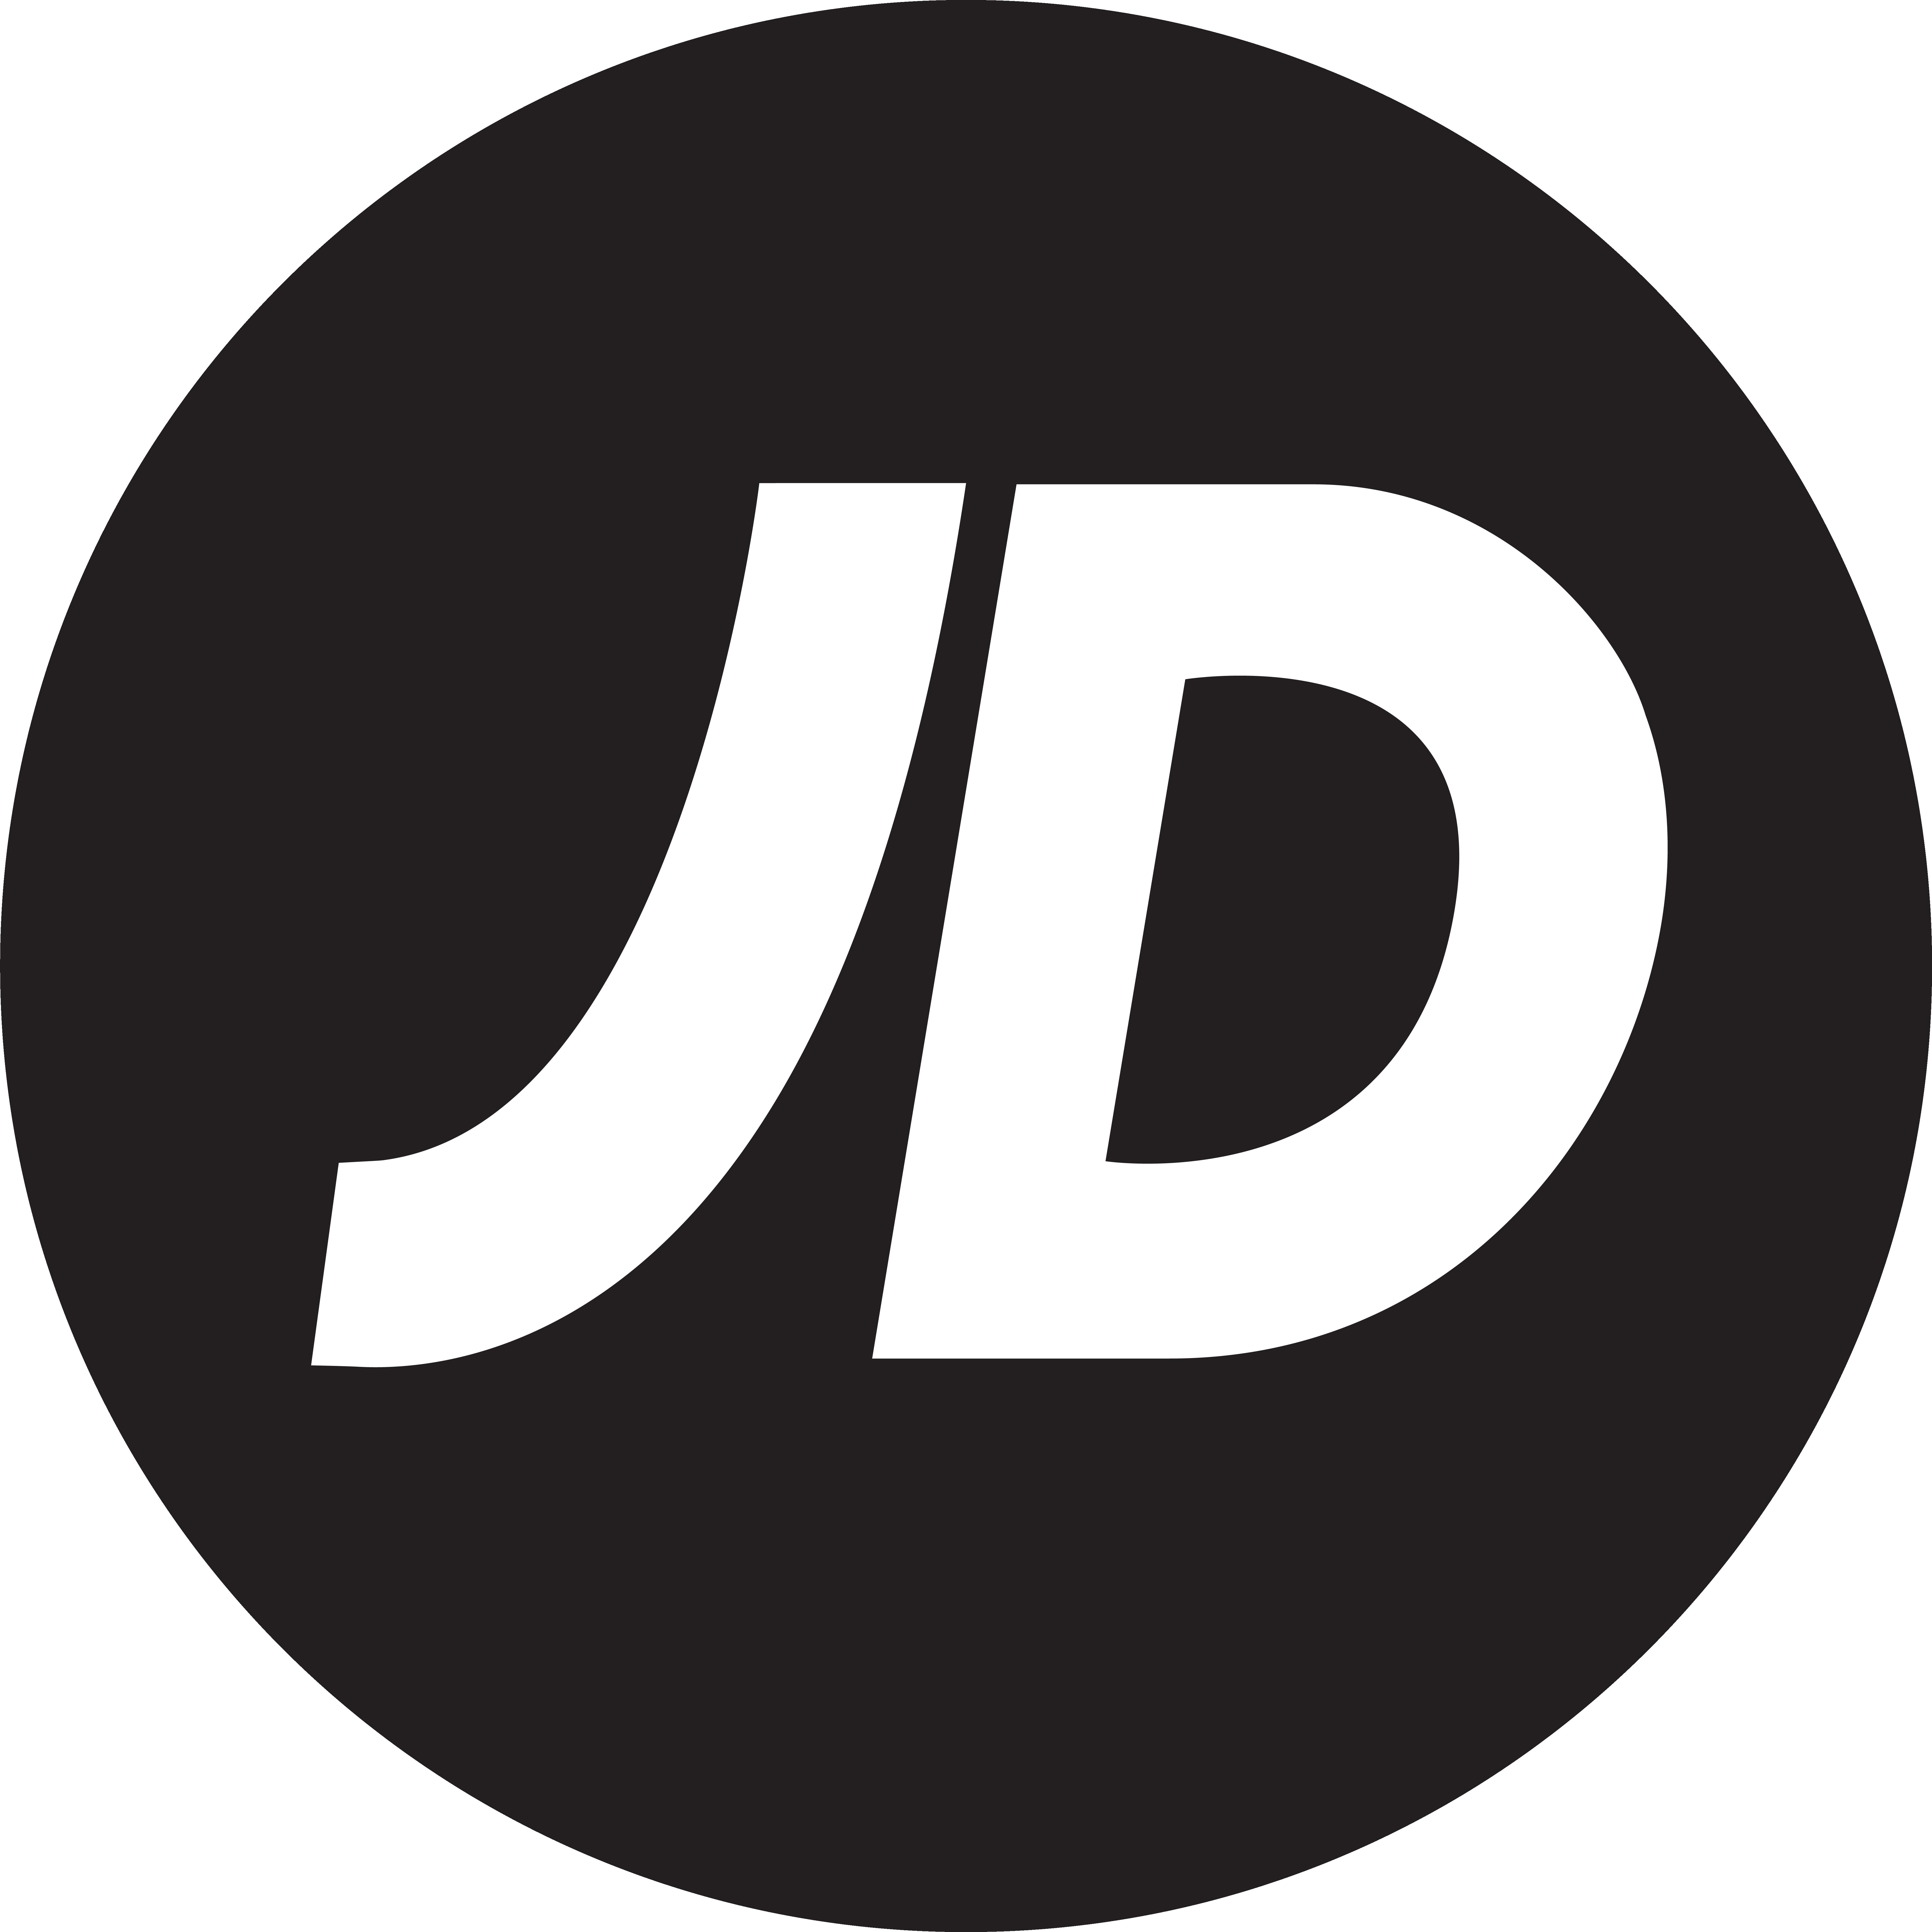 sports shoes b42ac 447fc JD Sports rabattkod - Vårerbjudande  Upp till 50% rabatt - apr 2019